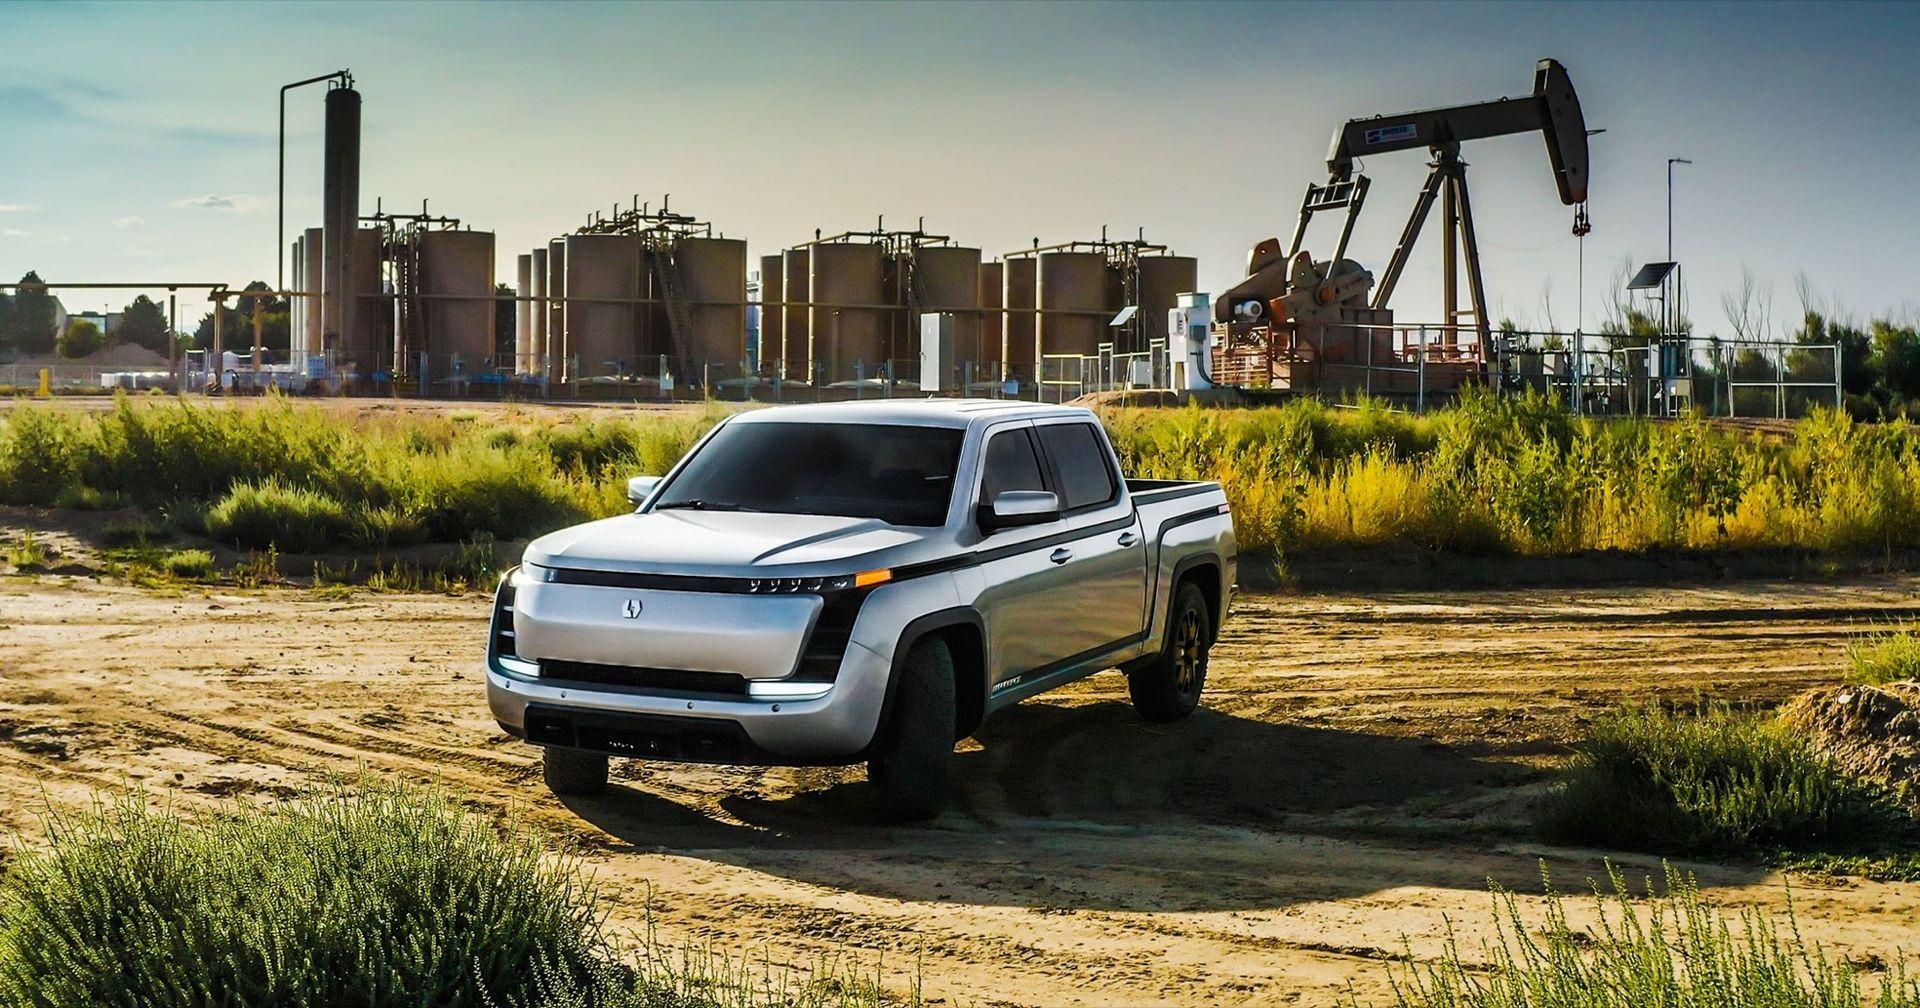 Över 100.000 beställningar av Lordstowns eldrivna pickup